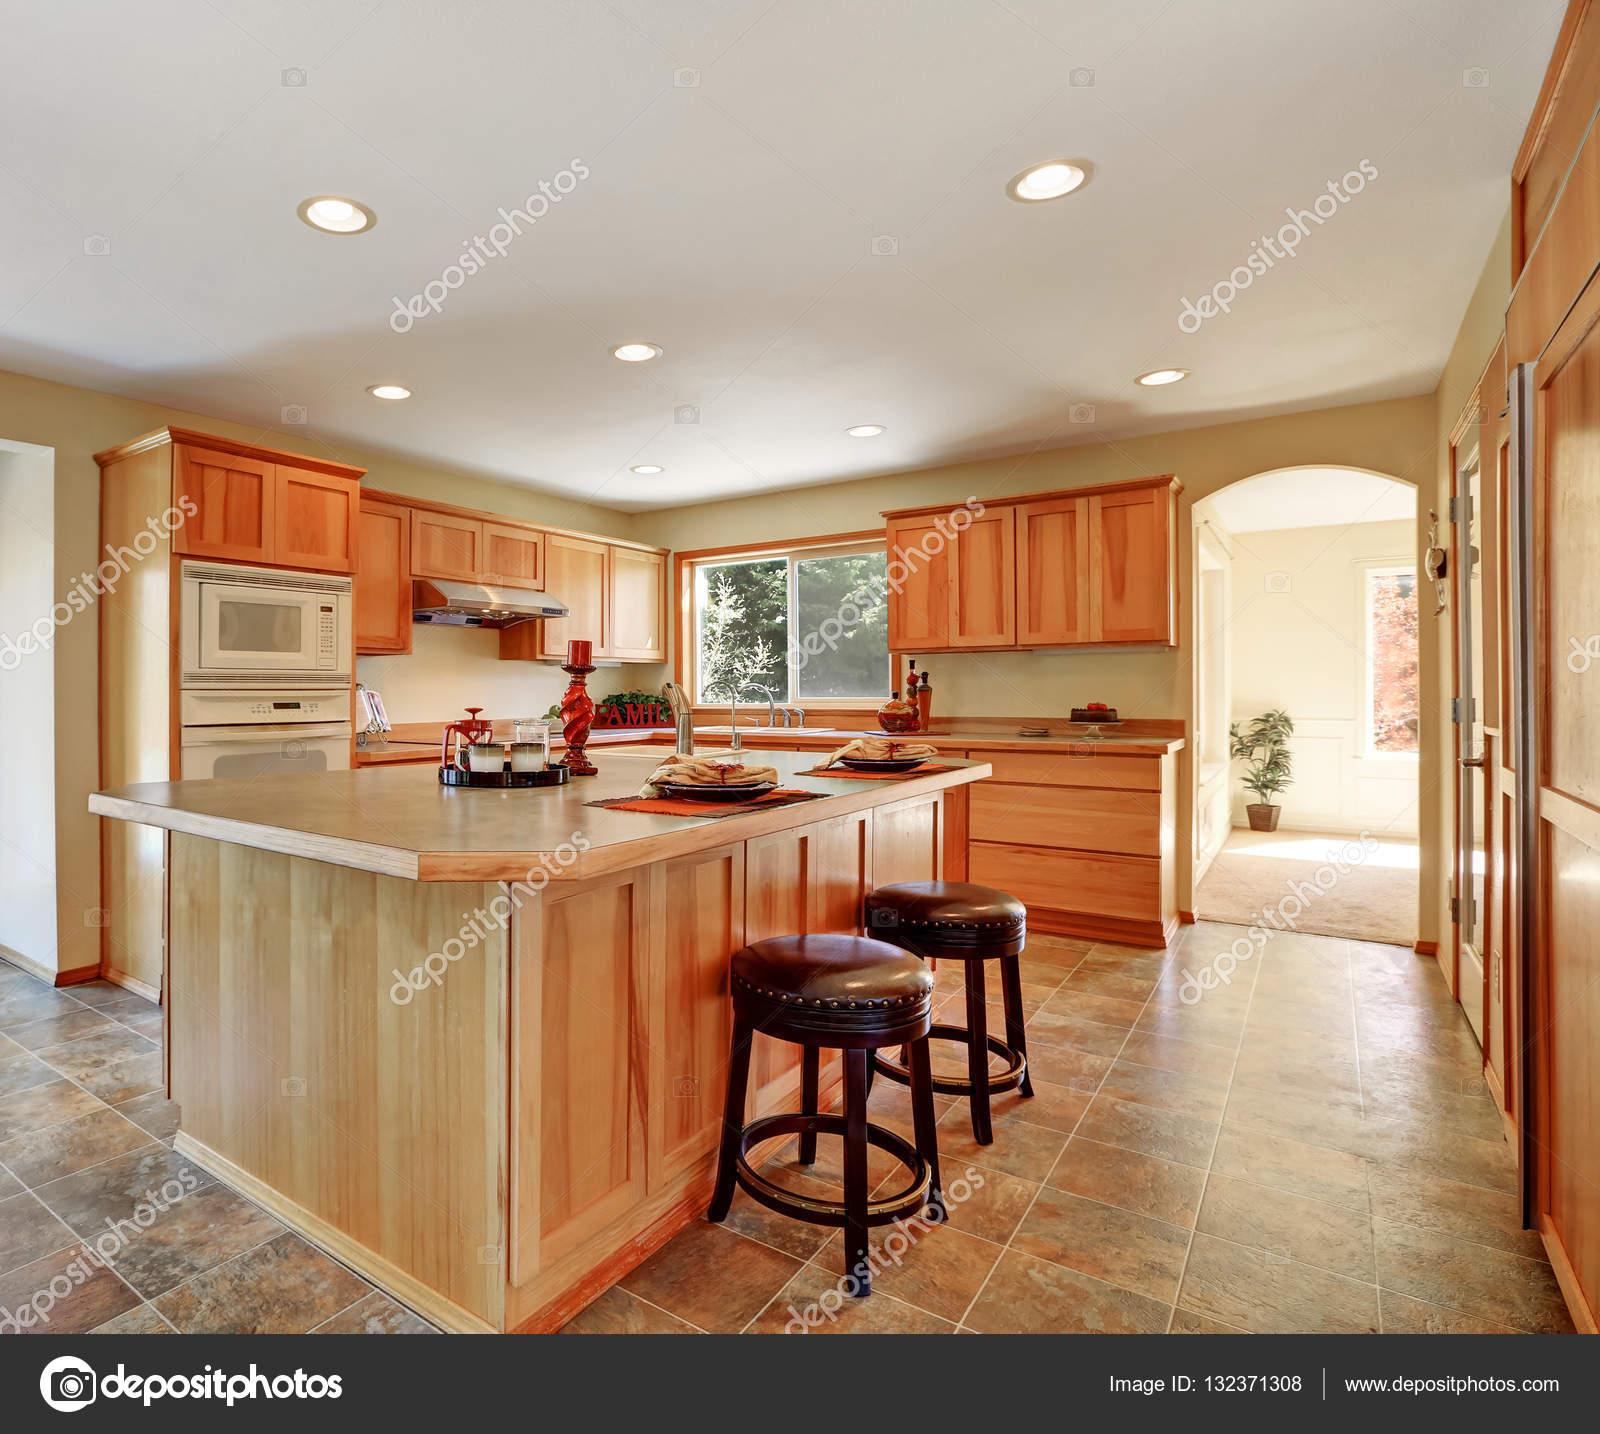 Mobili Da Incasso Cucina.Interiore Della Cucina Con Miele Mobili Ed Elettrodomestici Da